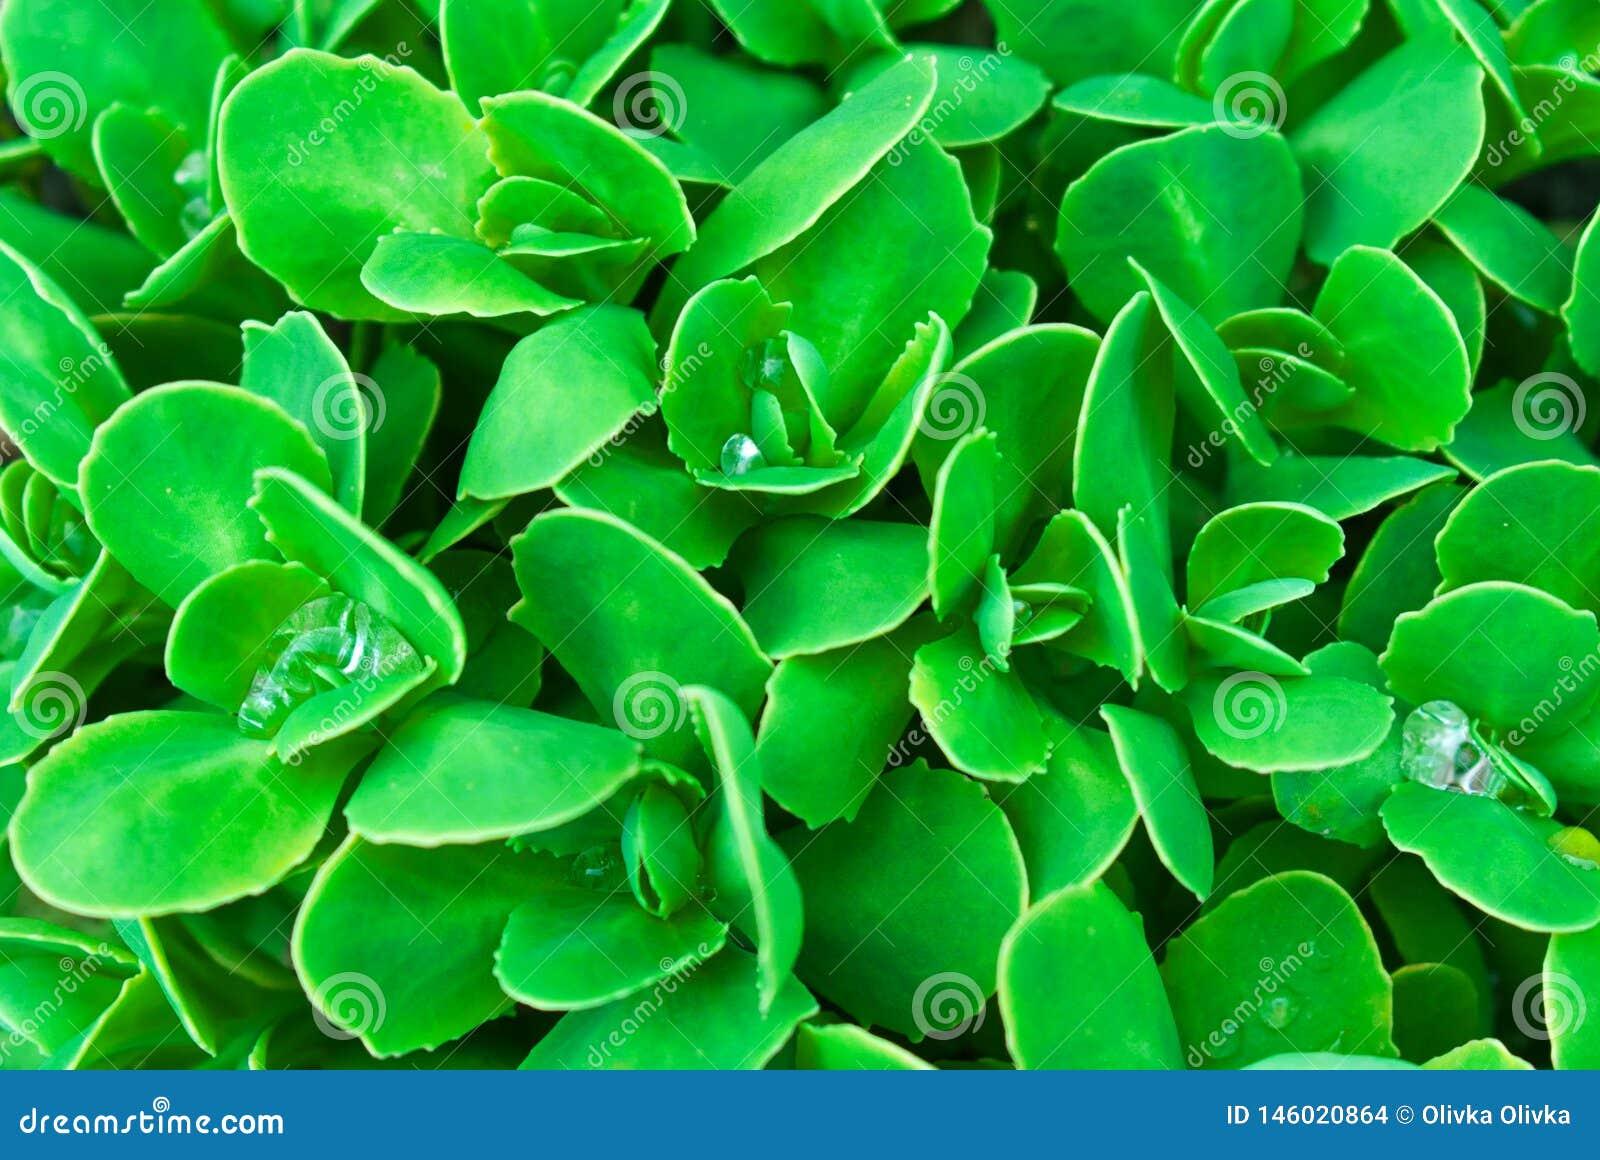 De groene natuurlijke achtergrond van het bladerenclose-up